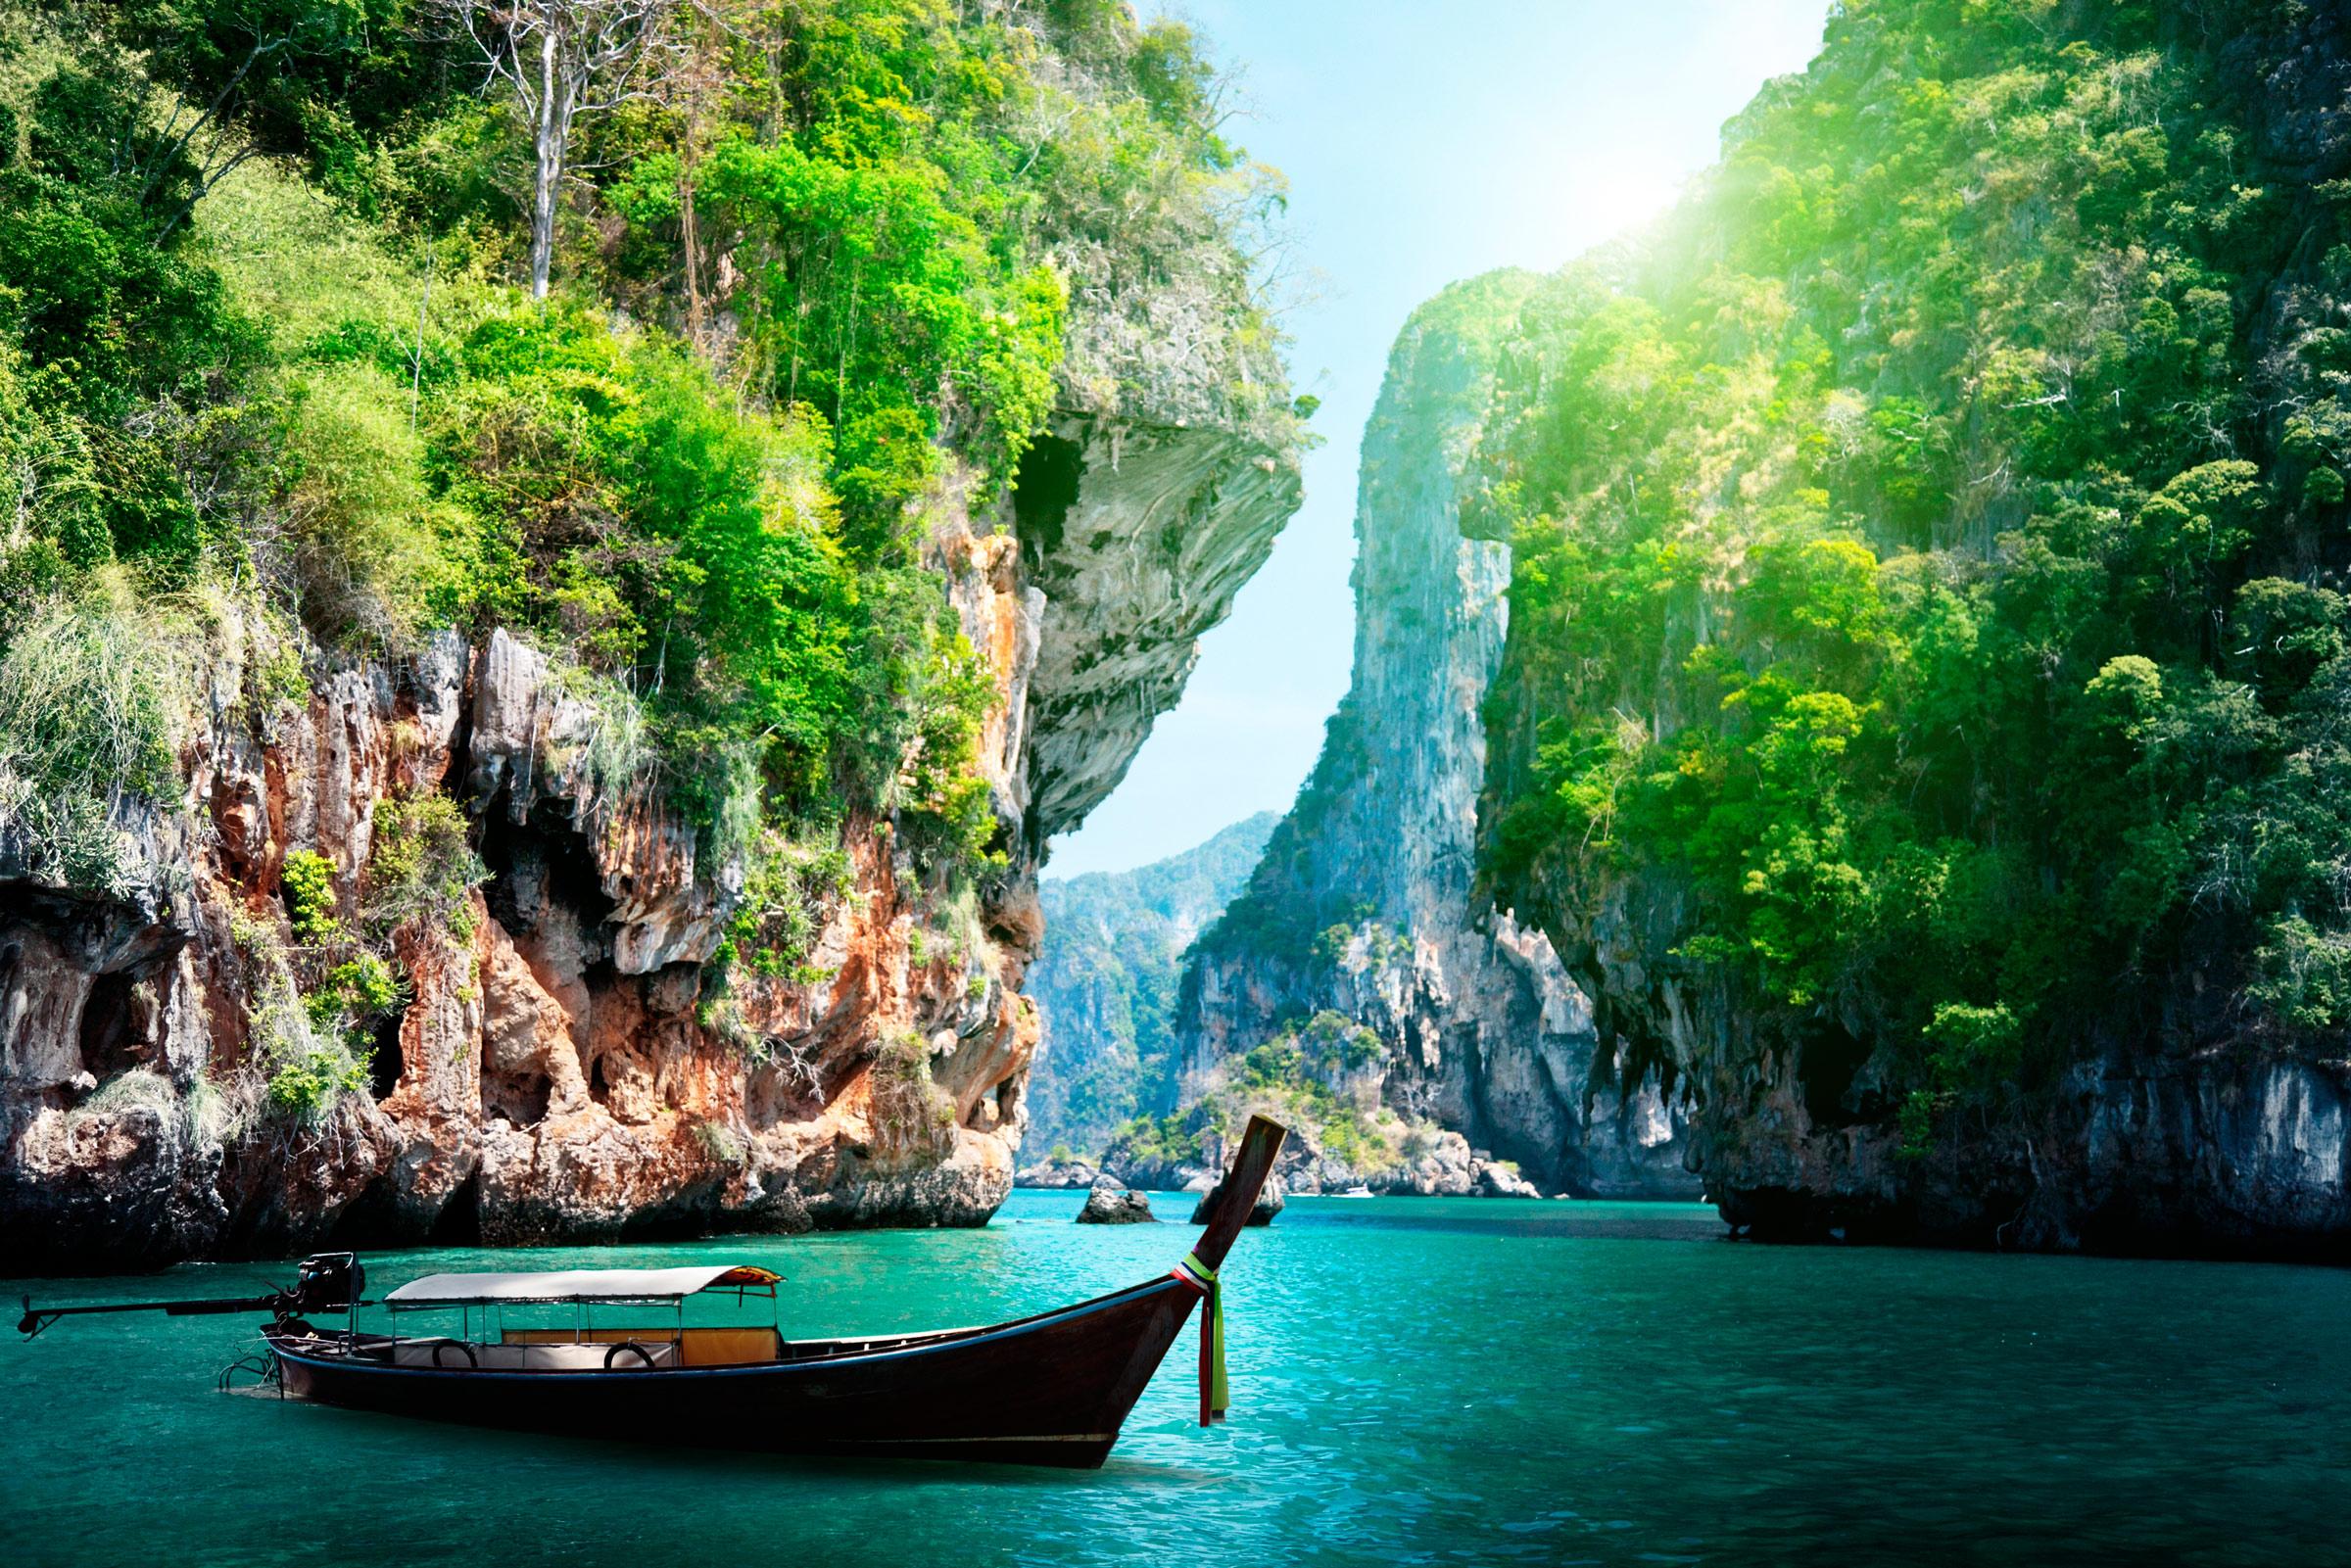 JPA Travel Market participa de famtour na Tailândia